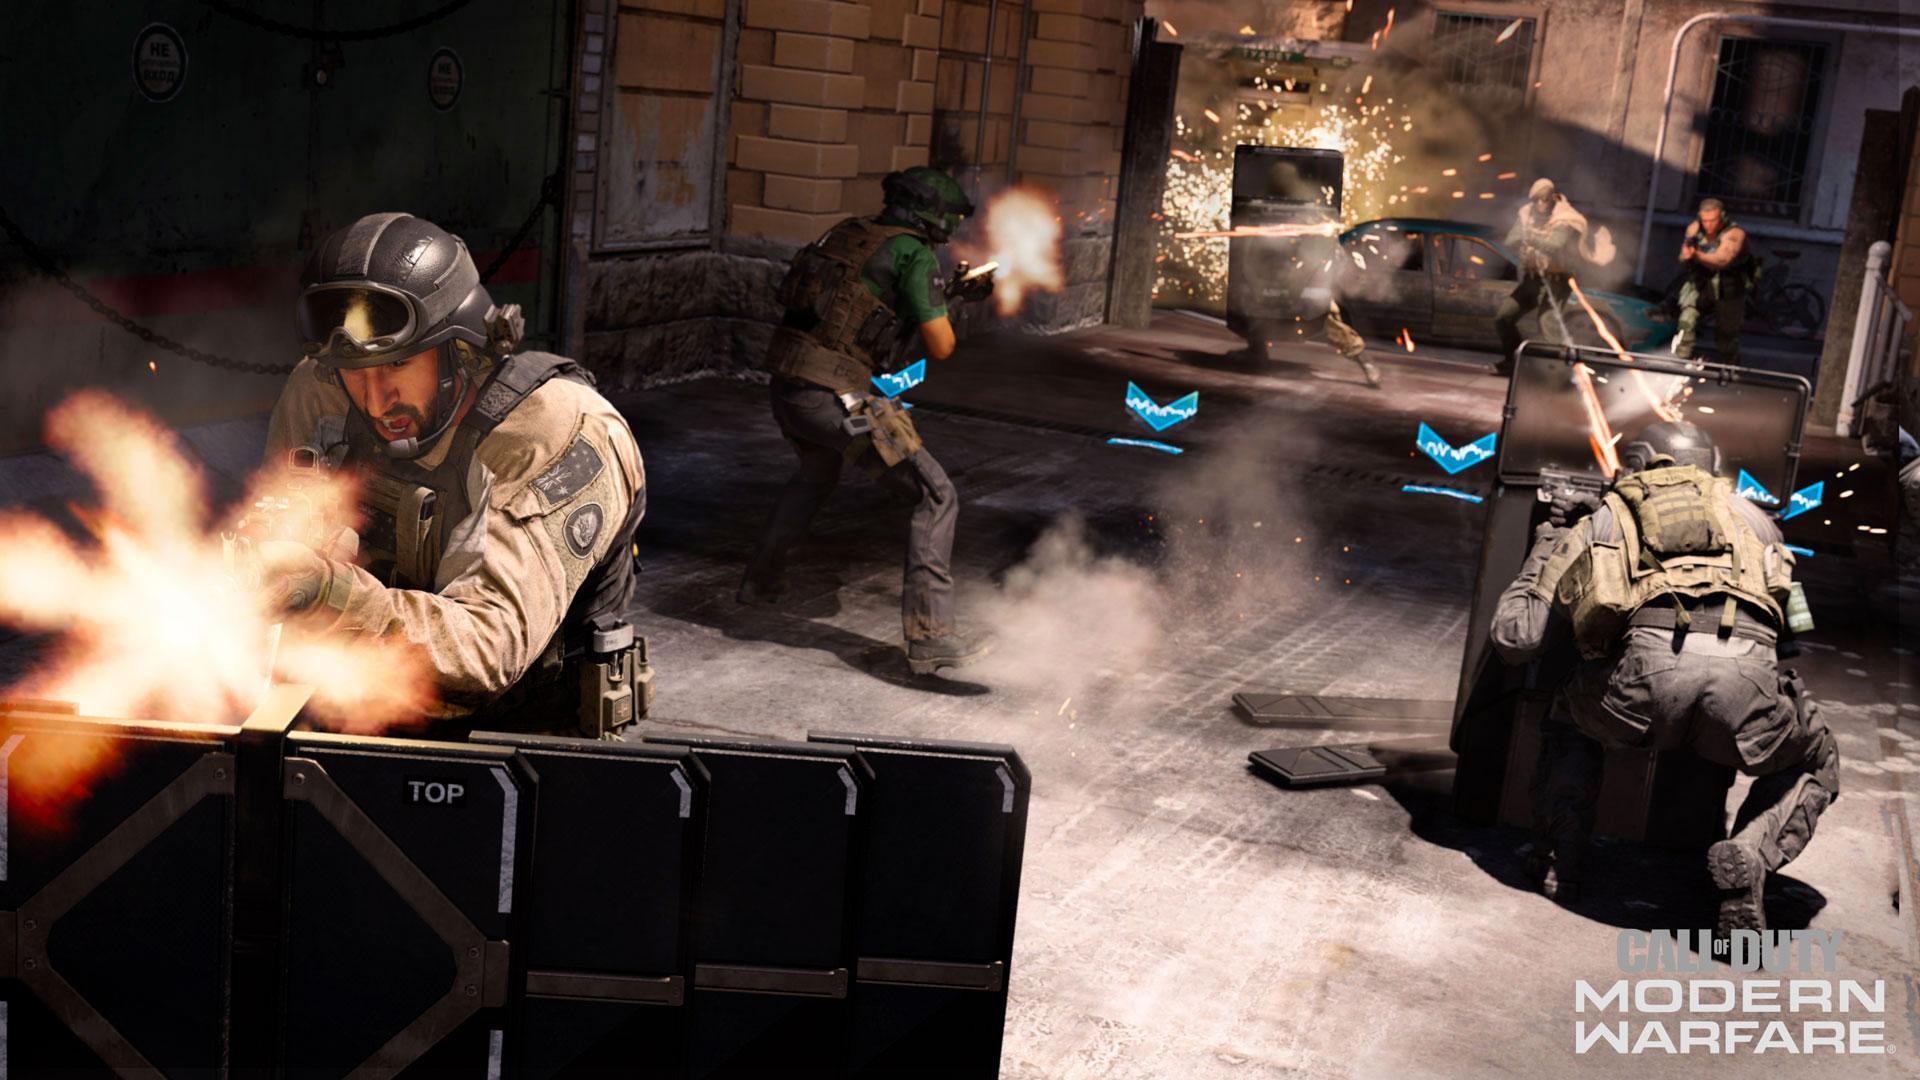 Call of Duty Modern Warfare Hardpoint